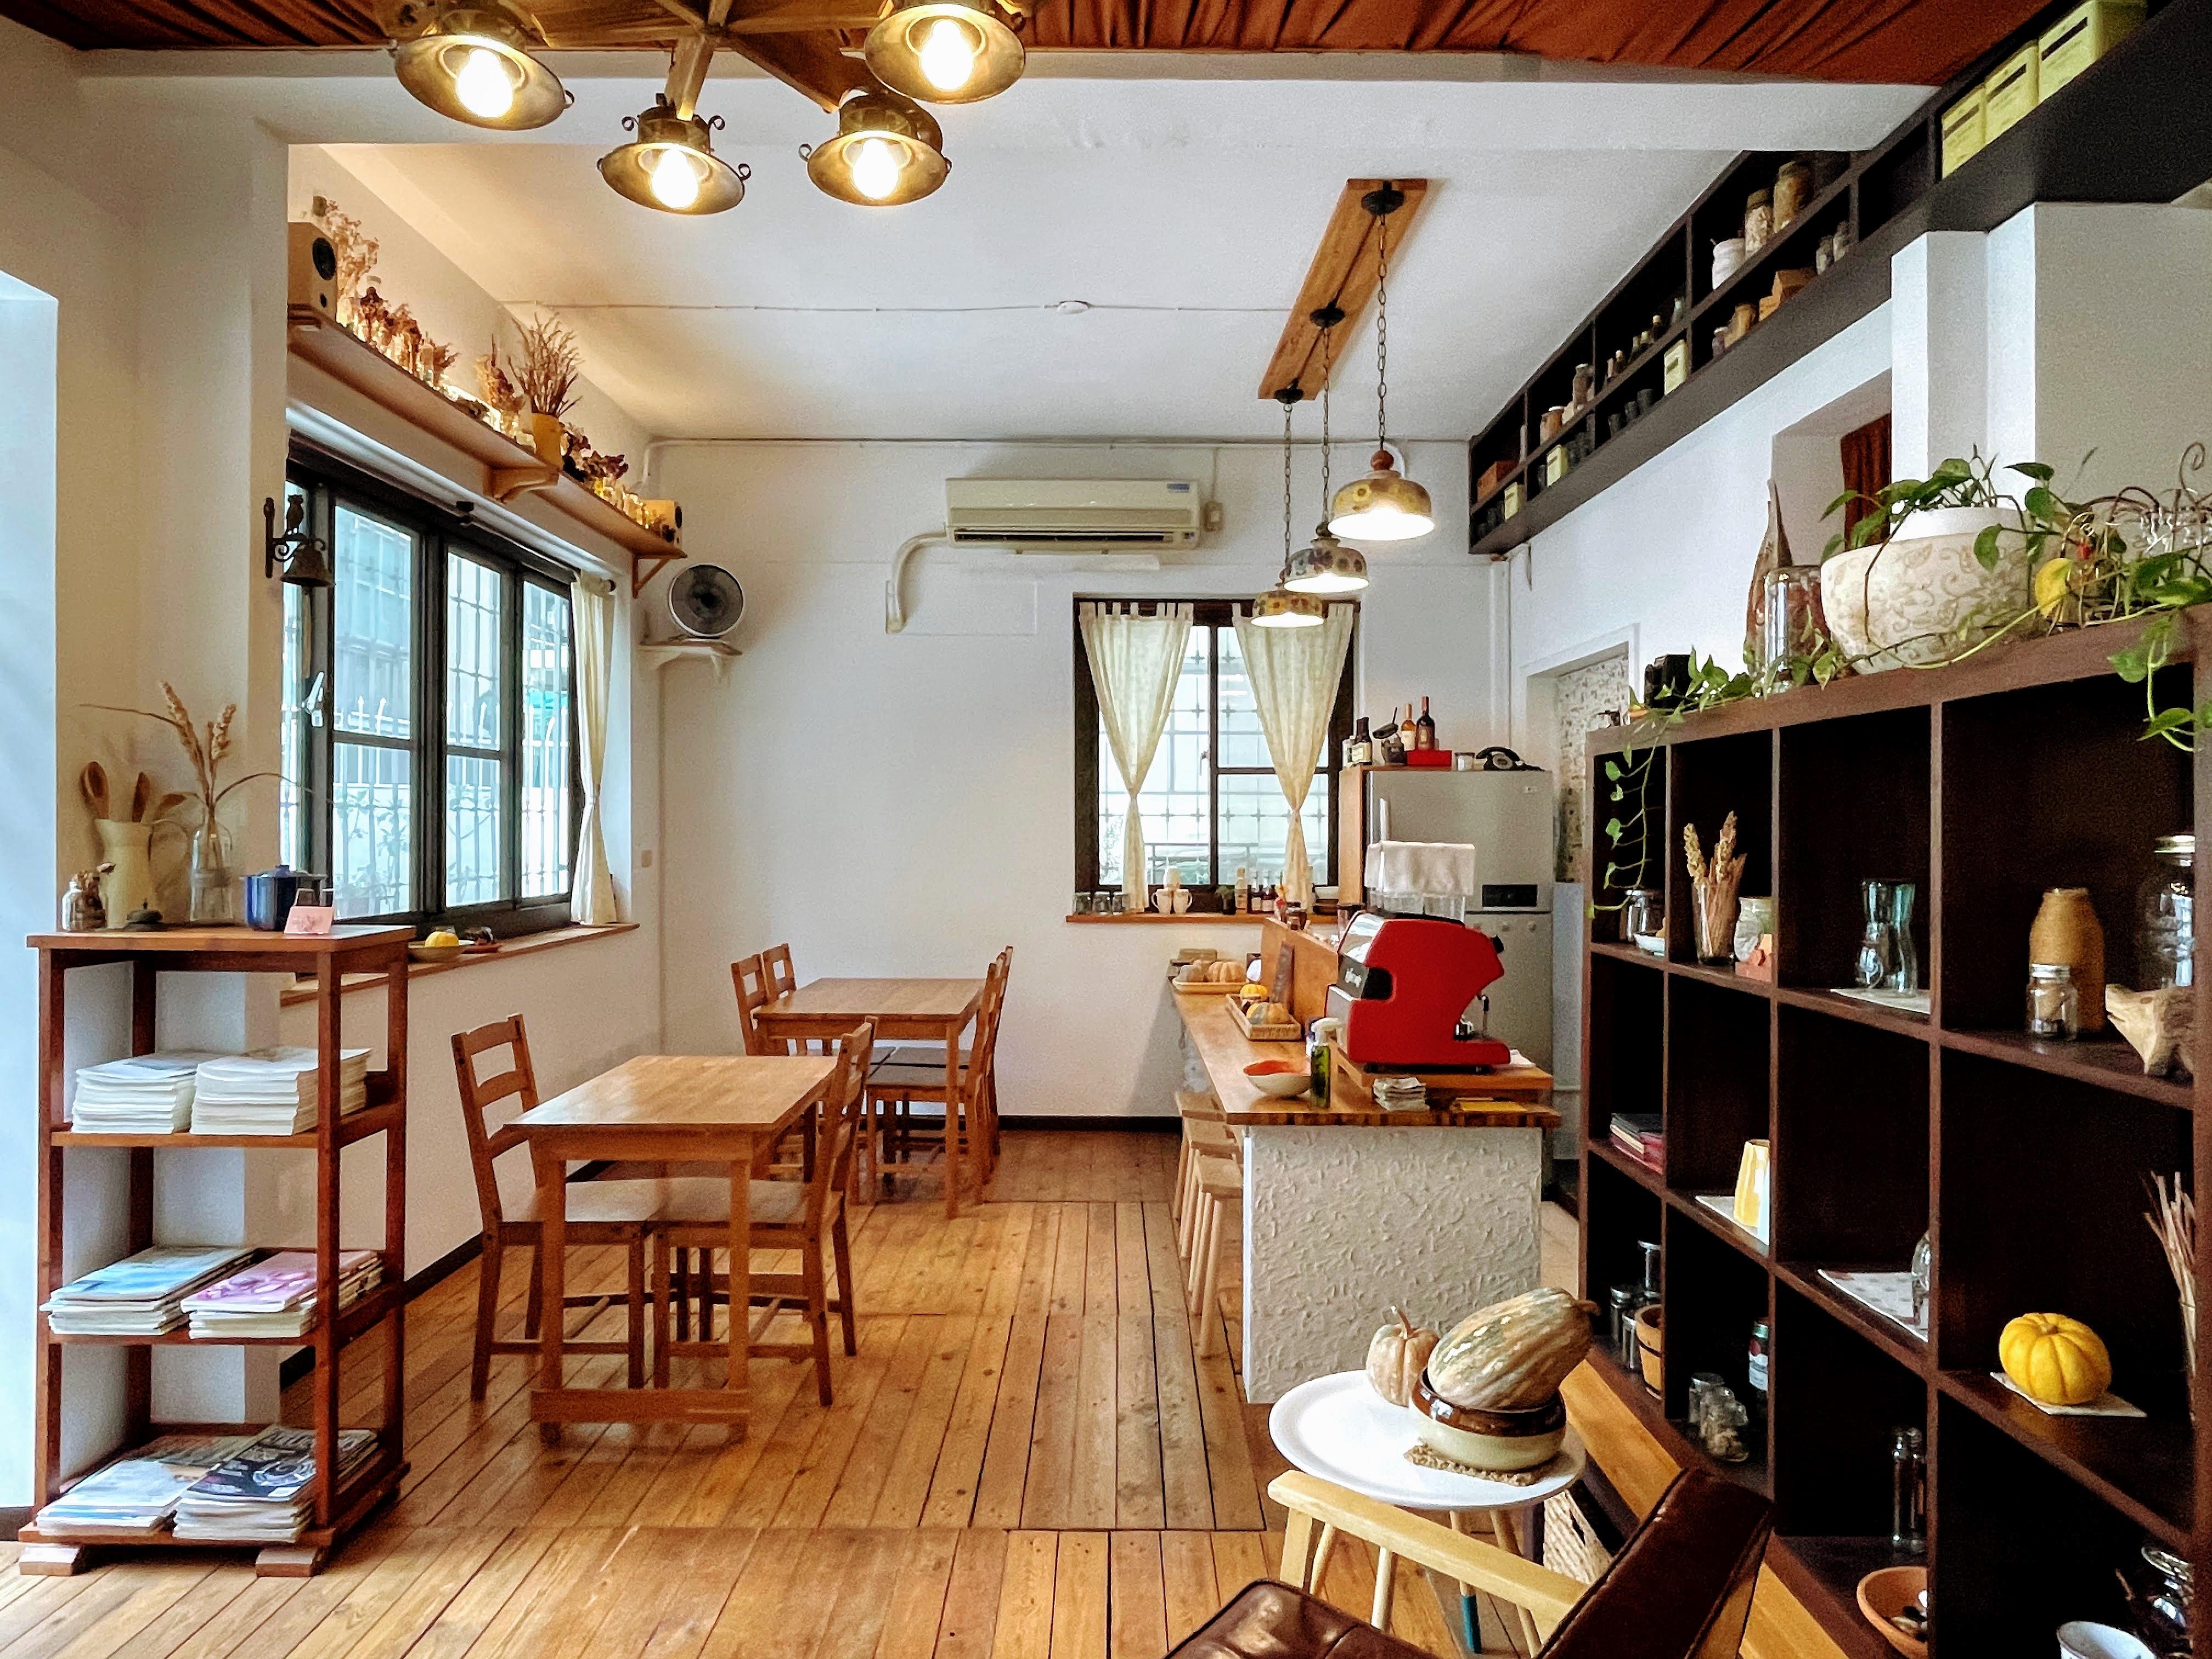 [台南][東區]餐桌上的南瓜 - 南瓜餐桌|鄉村風格義式料理